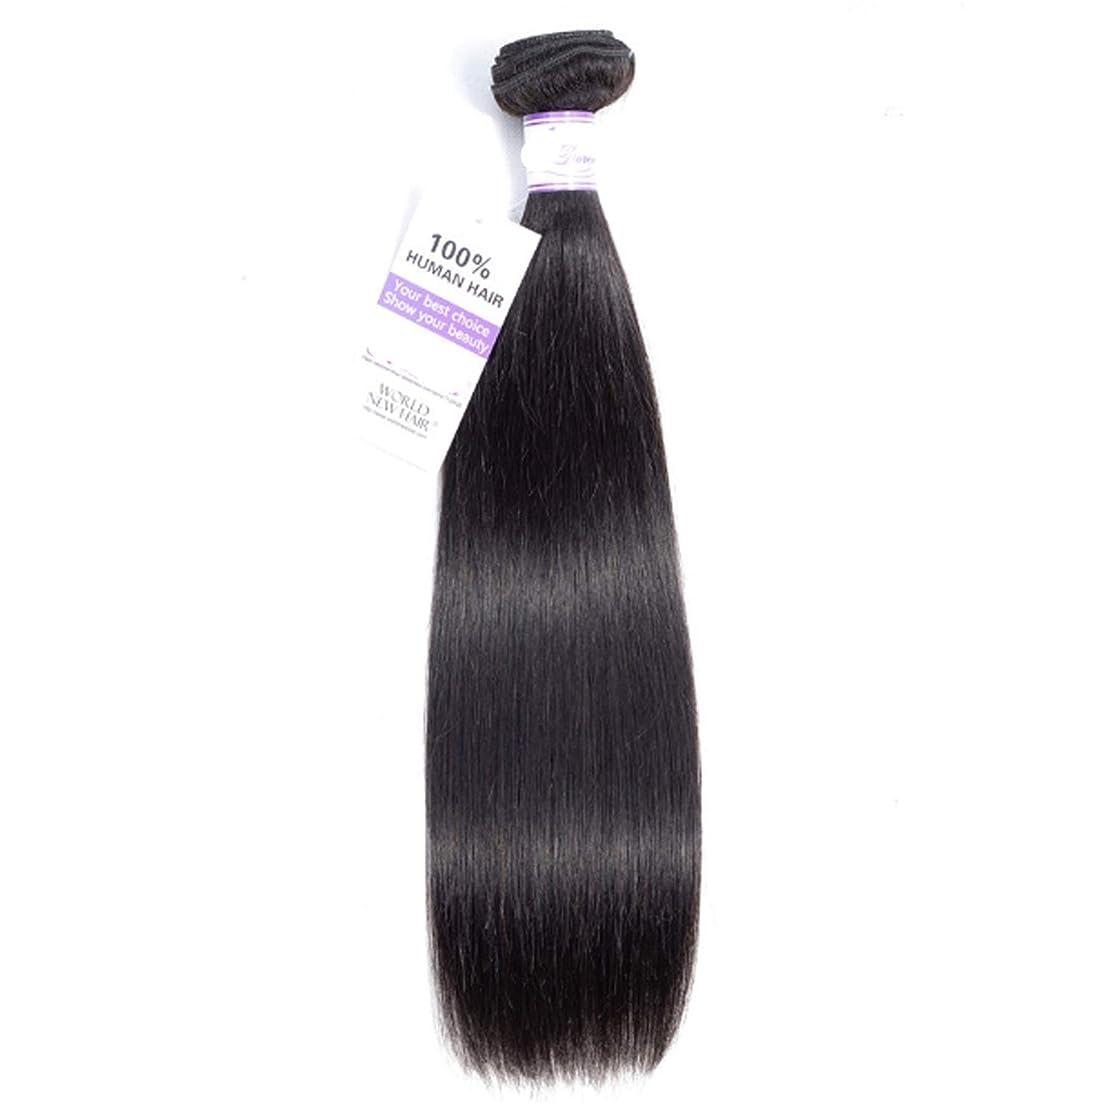 アイスクリームバウンス超高層ビルマレーシアのストレートヘアバンドル8-30インチ100%人毛織りナチュラルカラー非レミーヘアエクステンション1個 かつら (Stretched Length : 26inches)